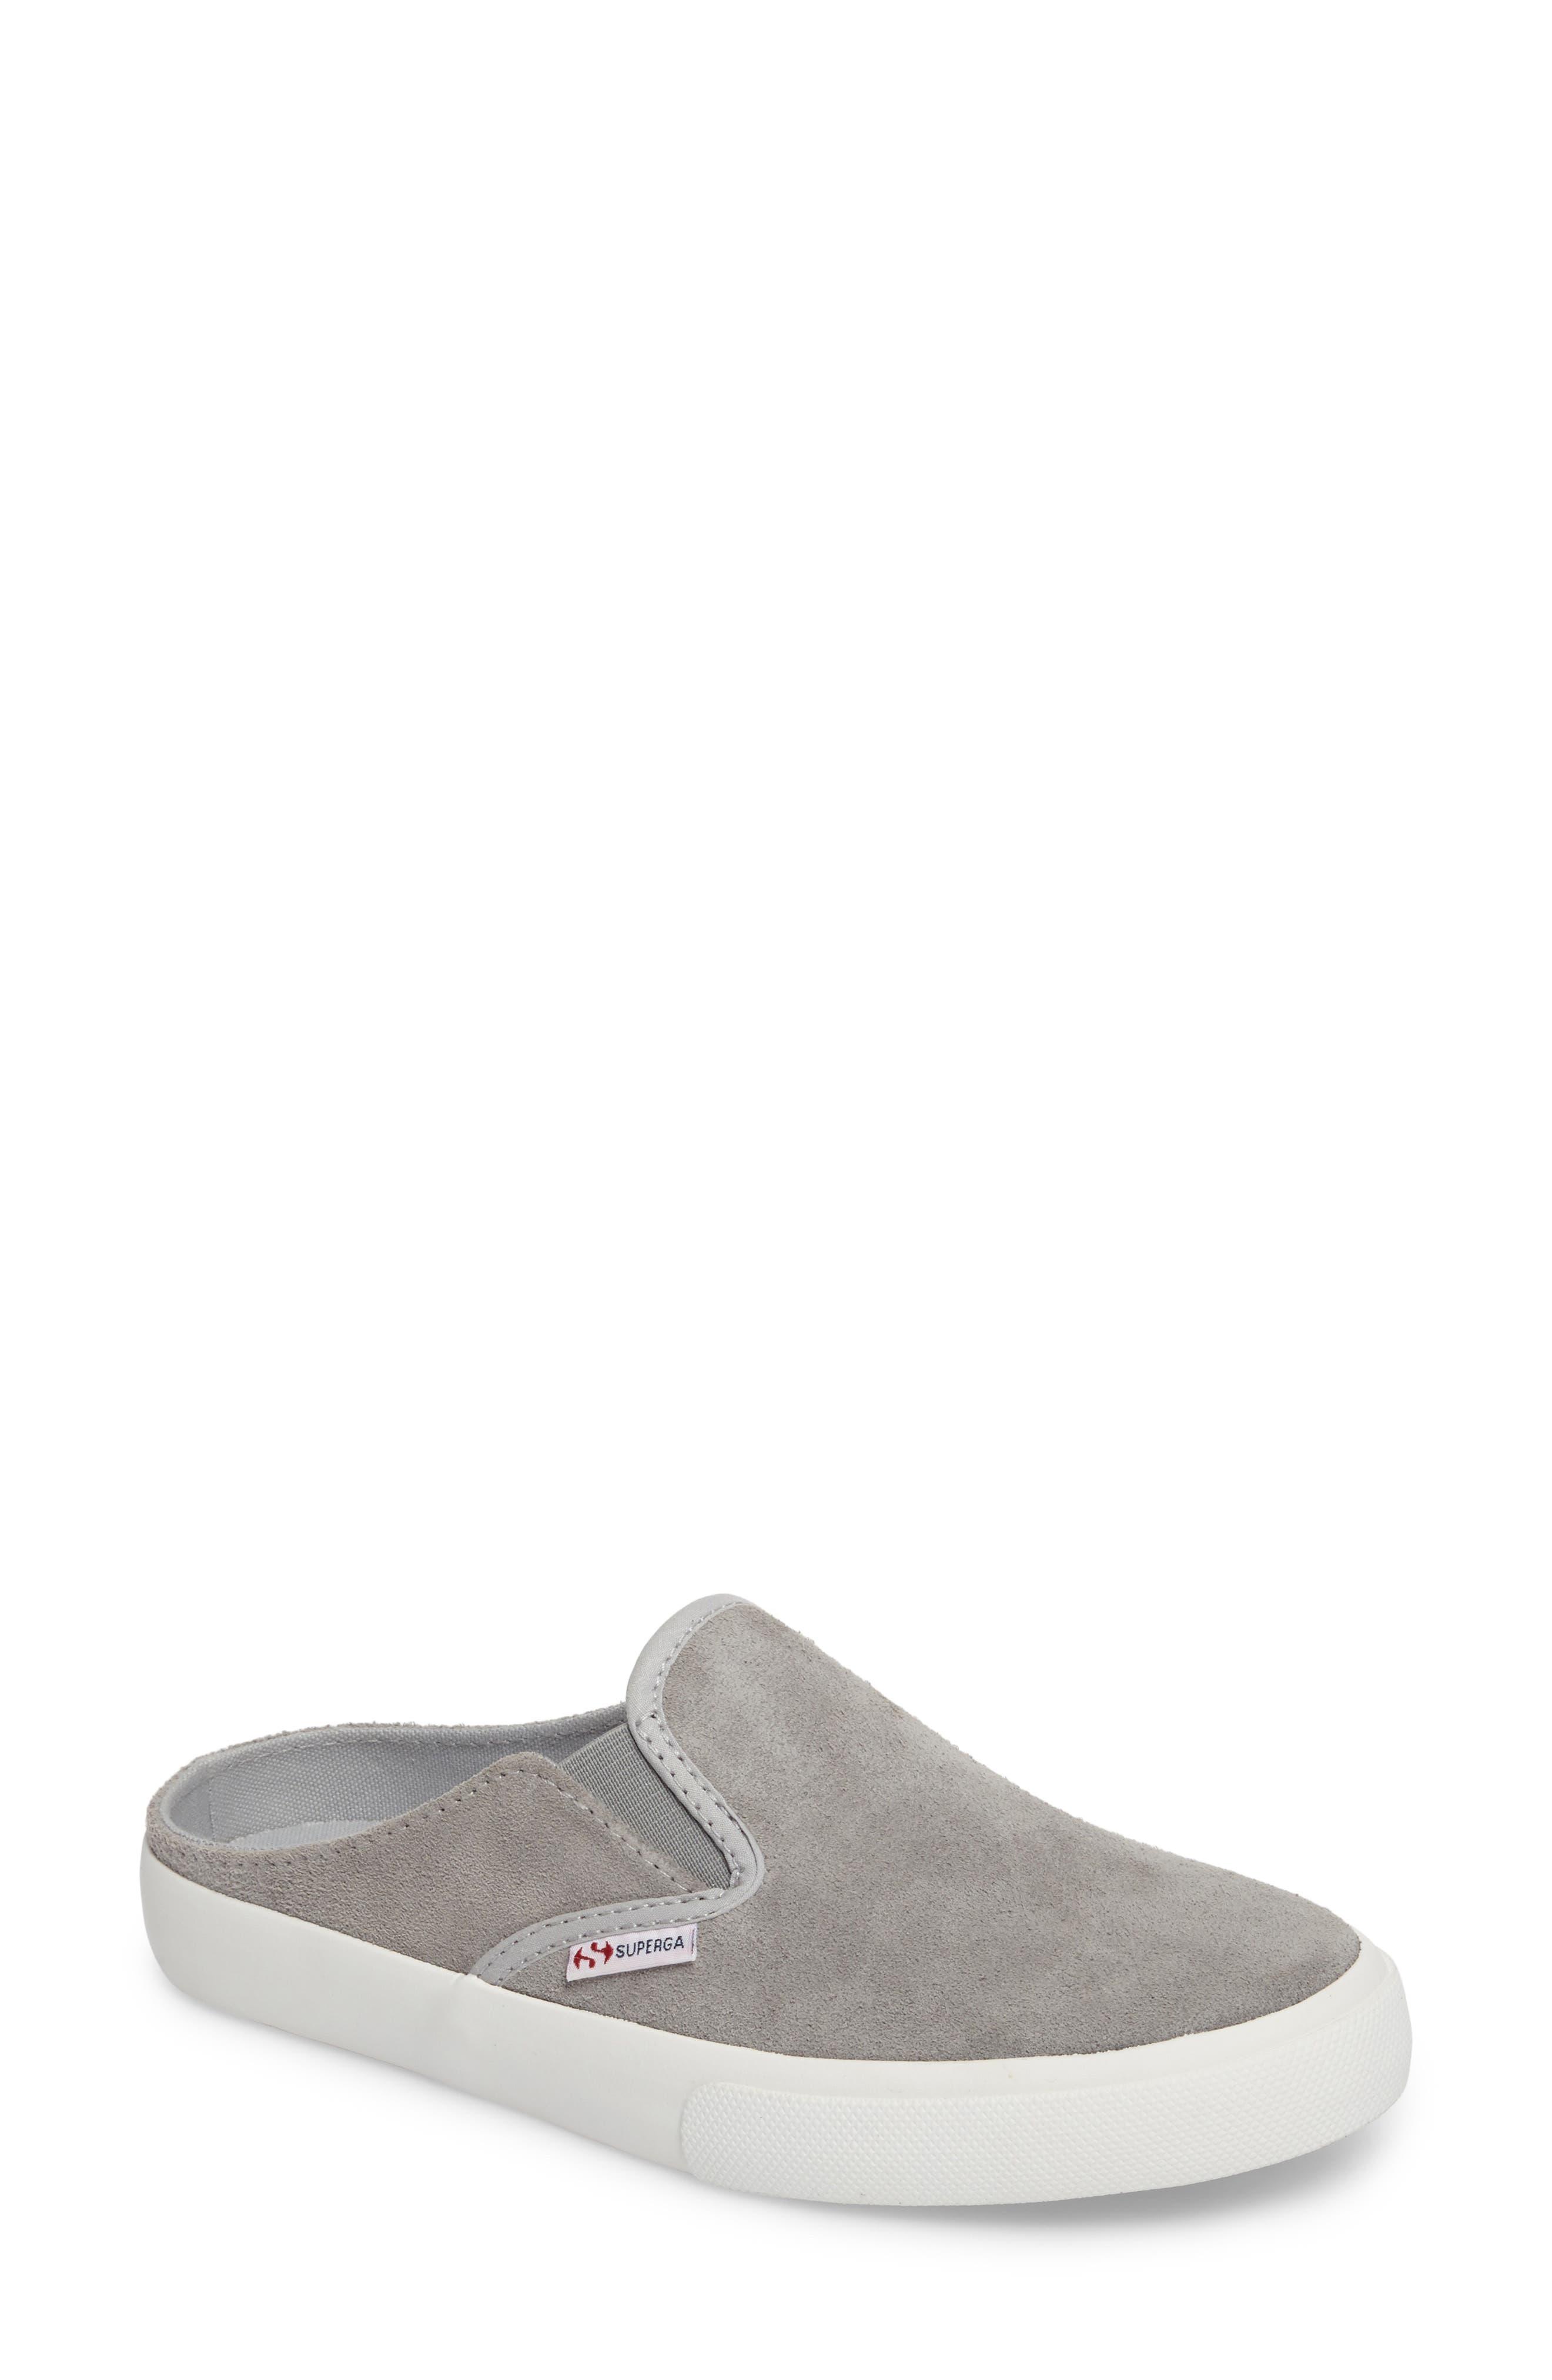 Superga Slip-On Mule Sneaker (Women)